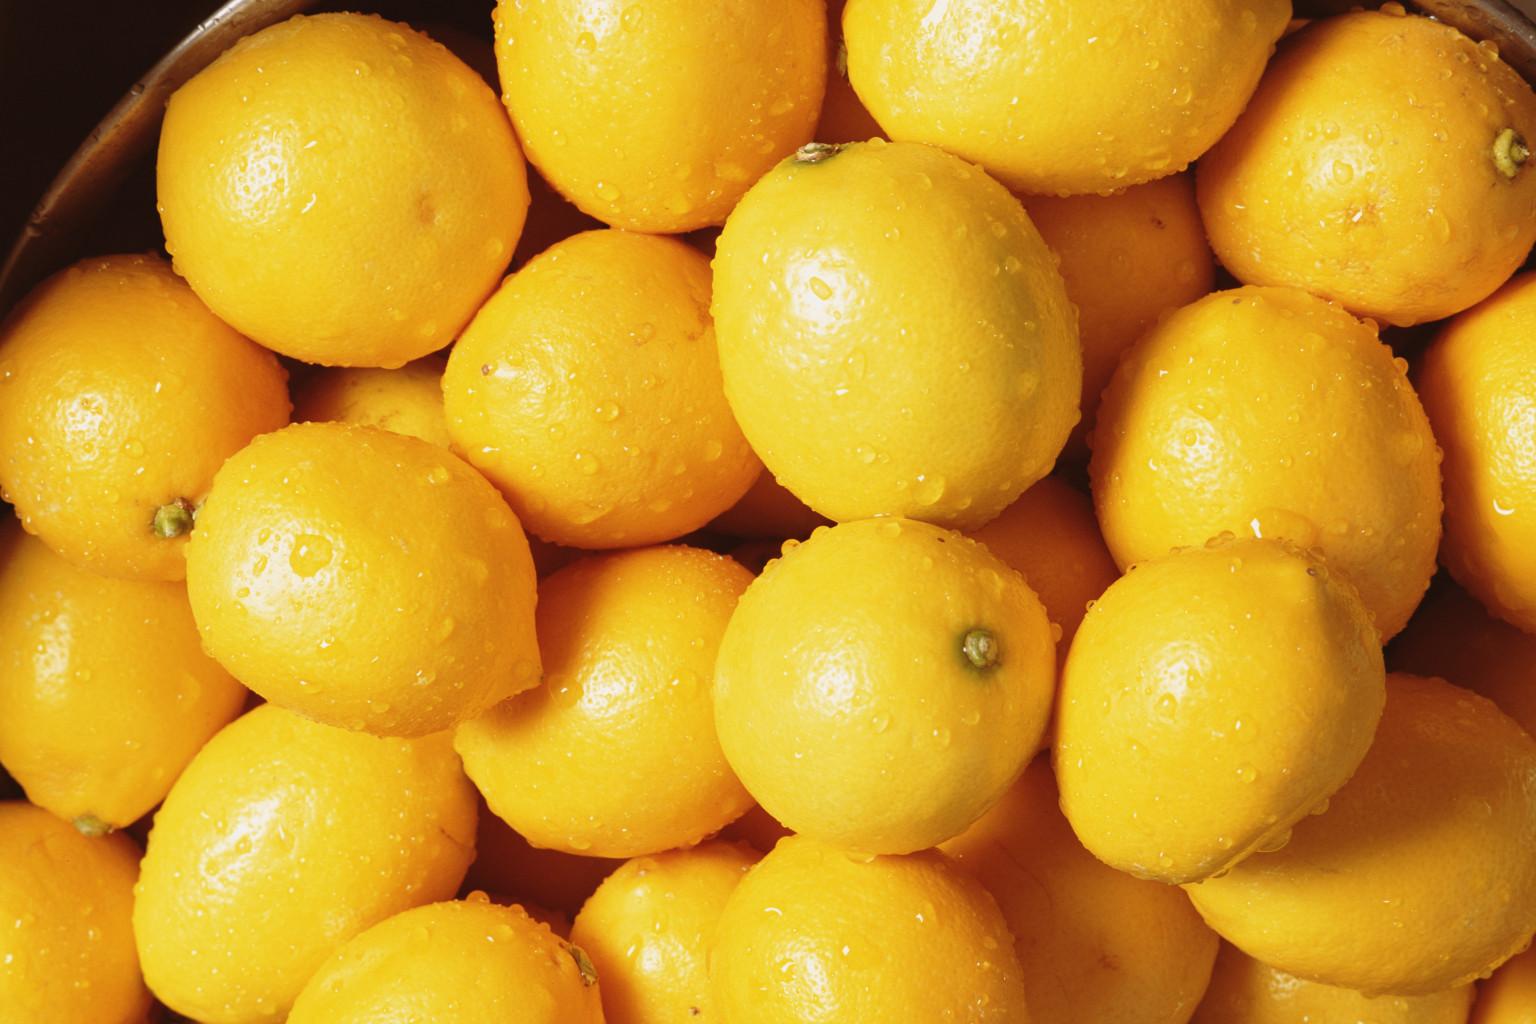 правда ли что лимон сжигает жир